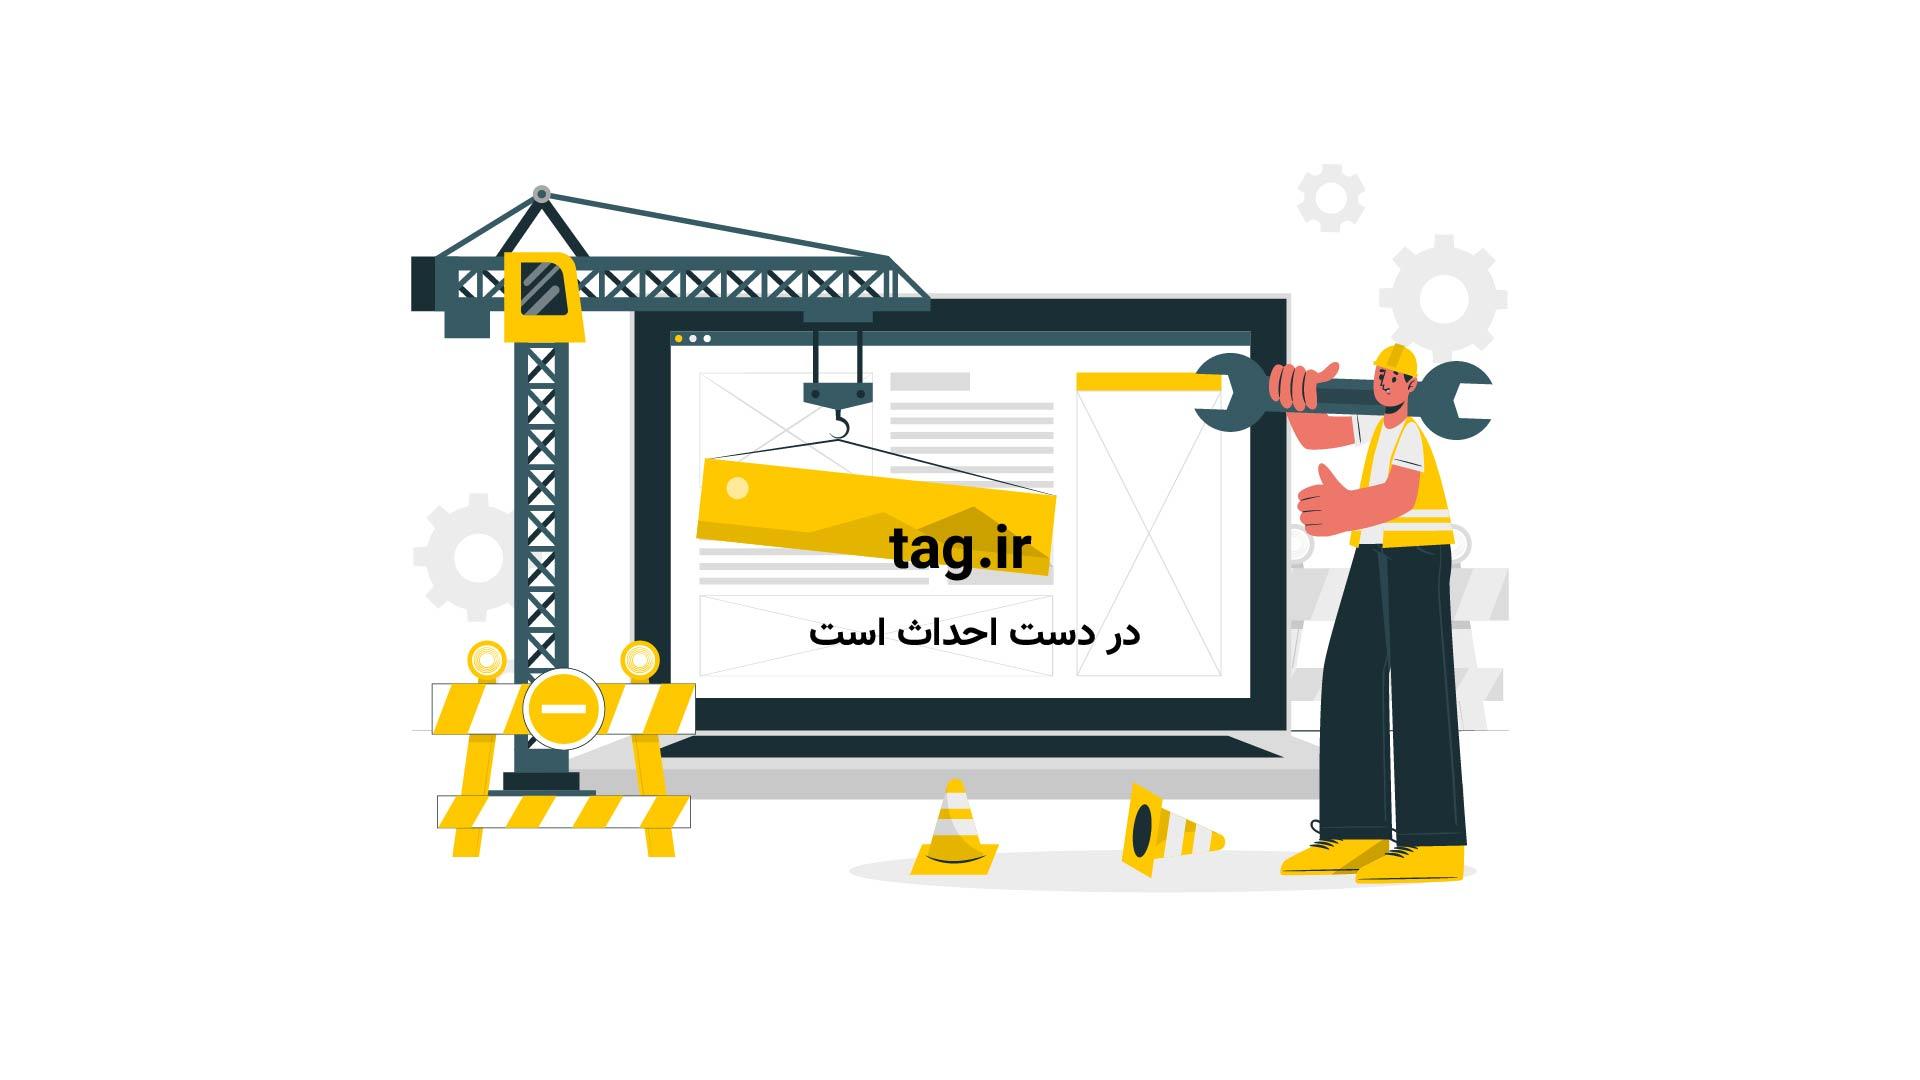 بازداشت سارقان حرفهای در مرحله هشتم طرح رعد | فیلم